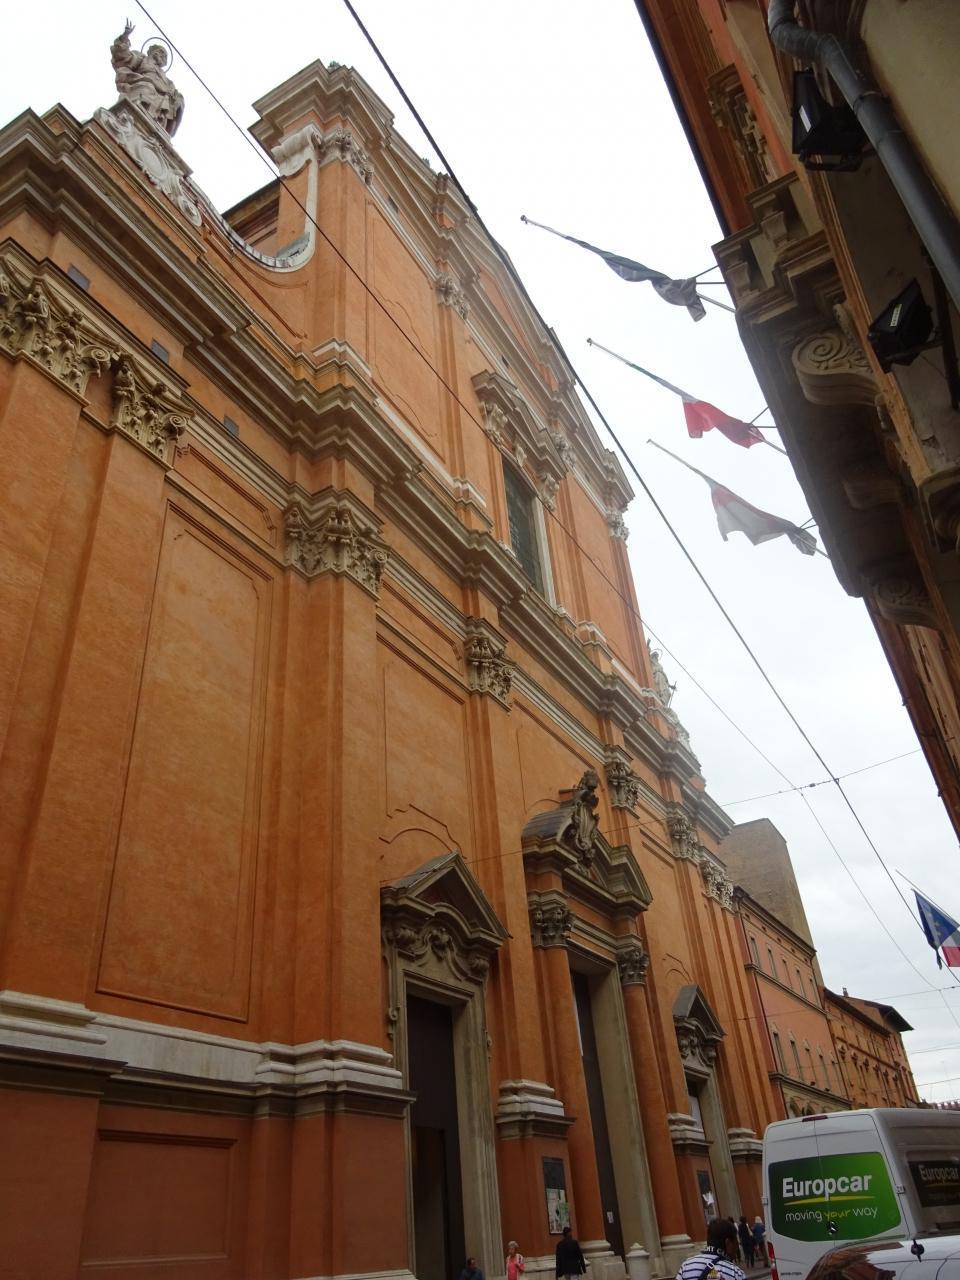 サン・ピエトロ大聖堂の画像 p1_35